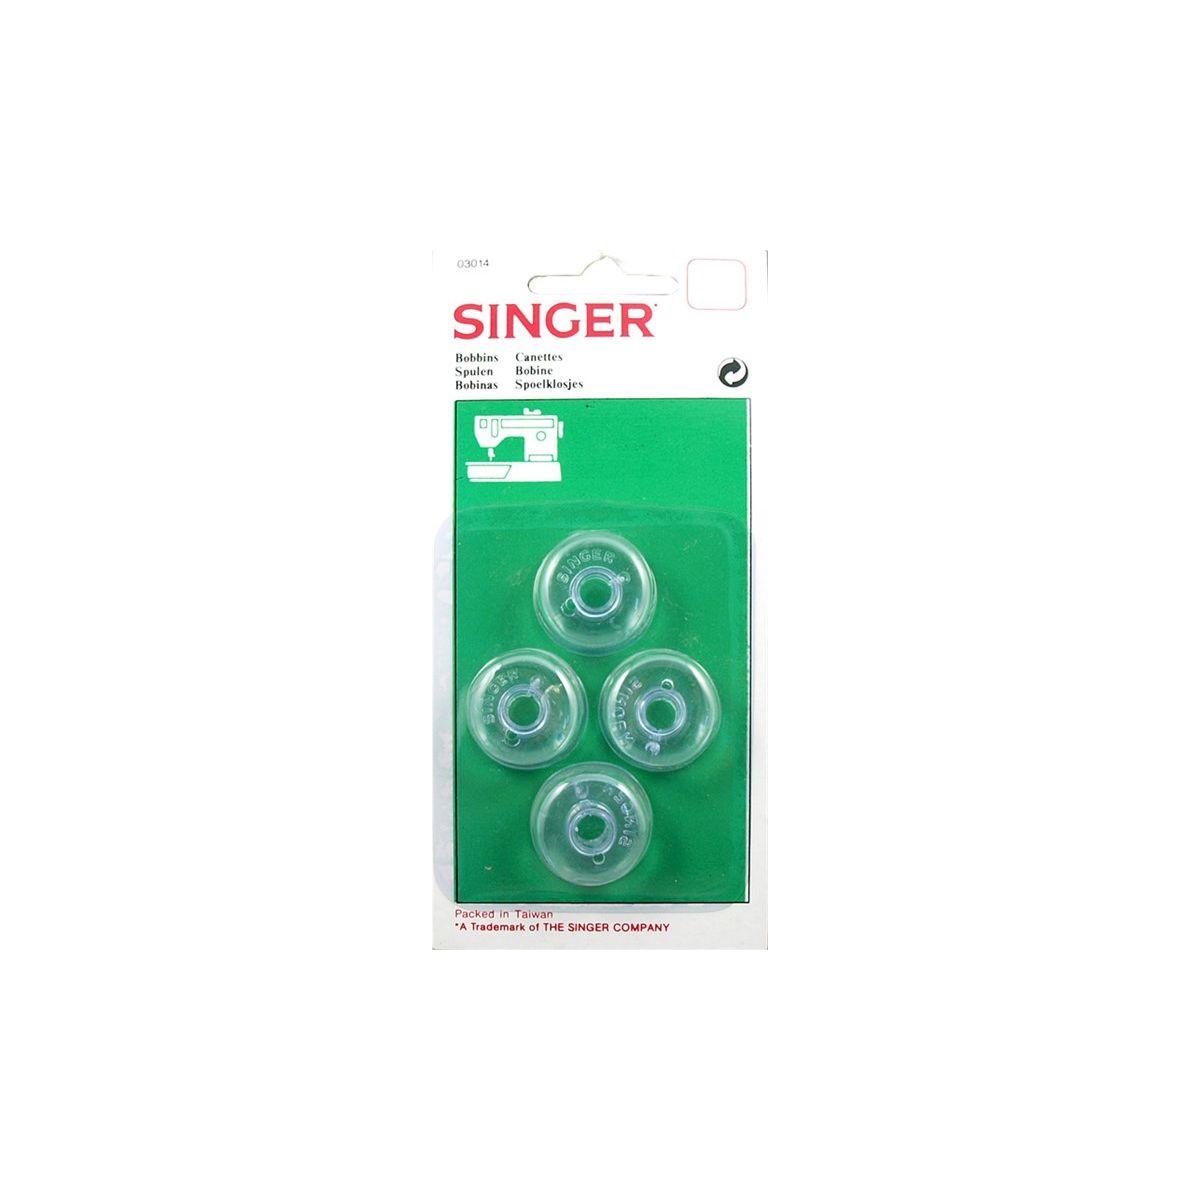 Canettes SINGER Canette basse x4